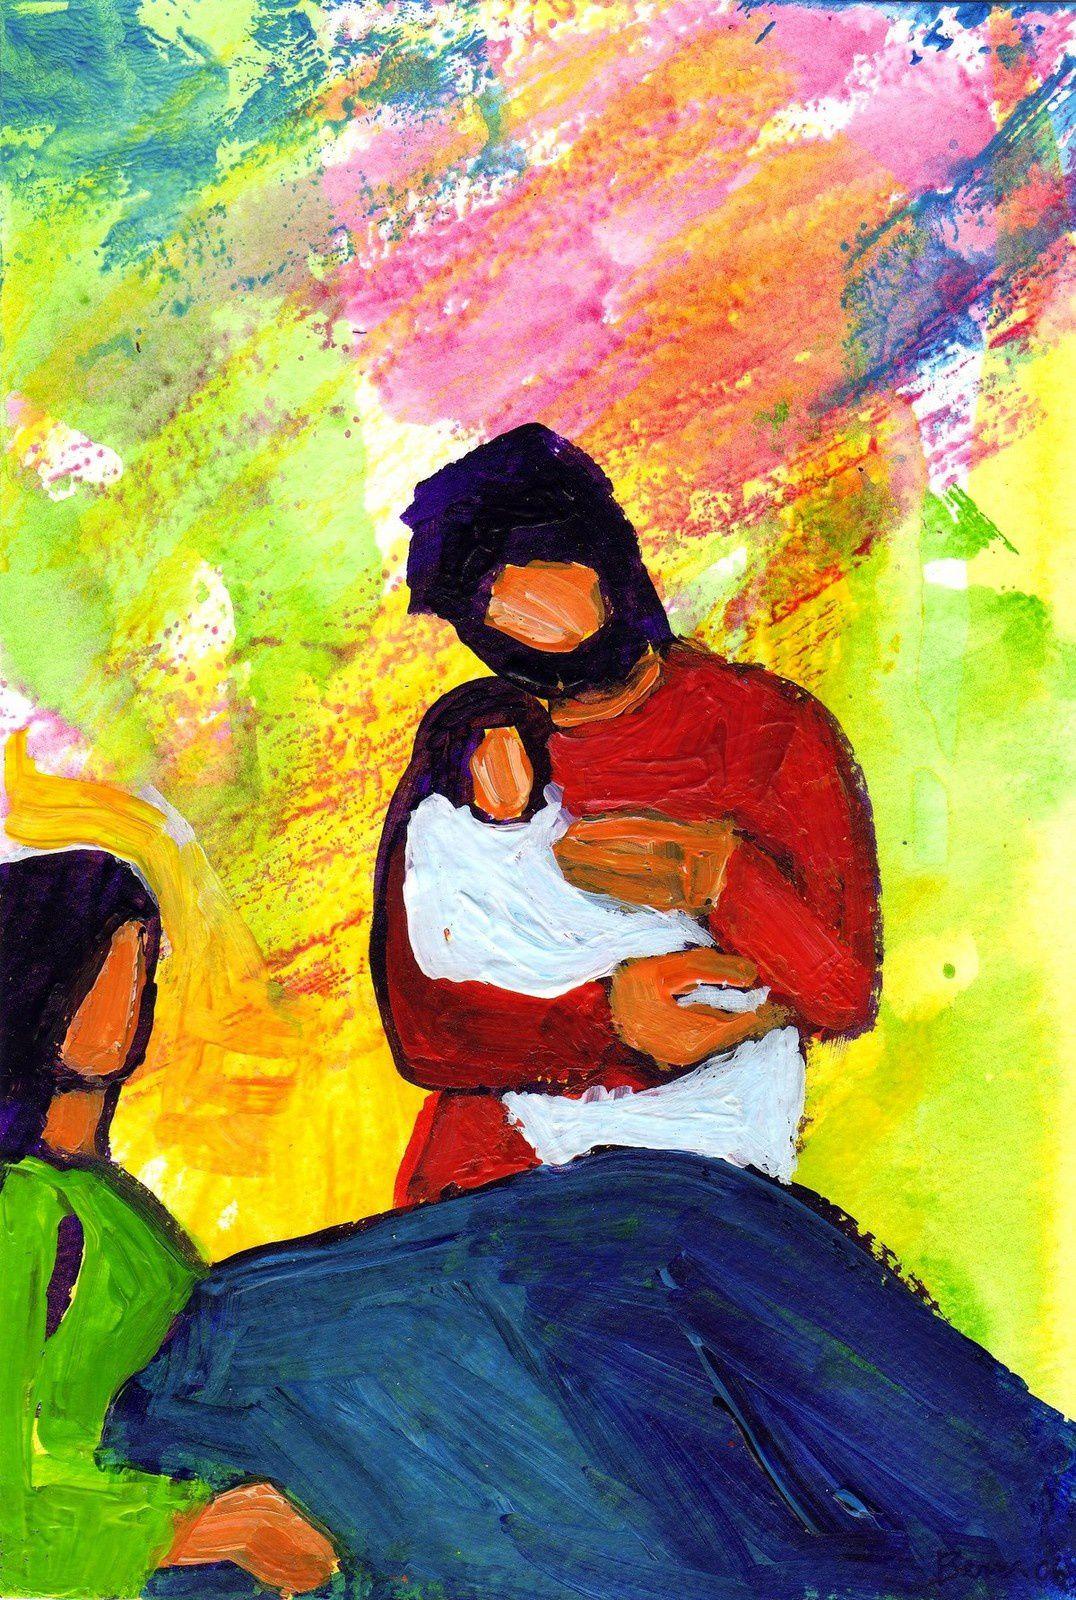 Et le Verbe s'est fait chair, il a habité parmi nous, et nous avons vu sa gloire, la gloire qu'il tient de son Père comme Fils unique, plein de grâce et de vérité.